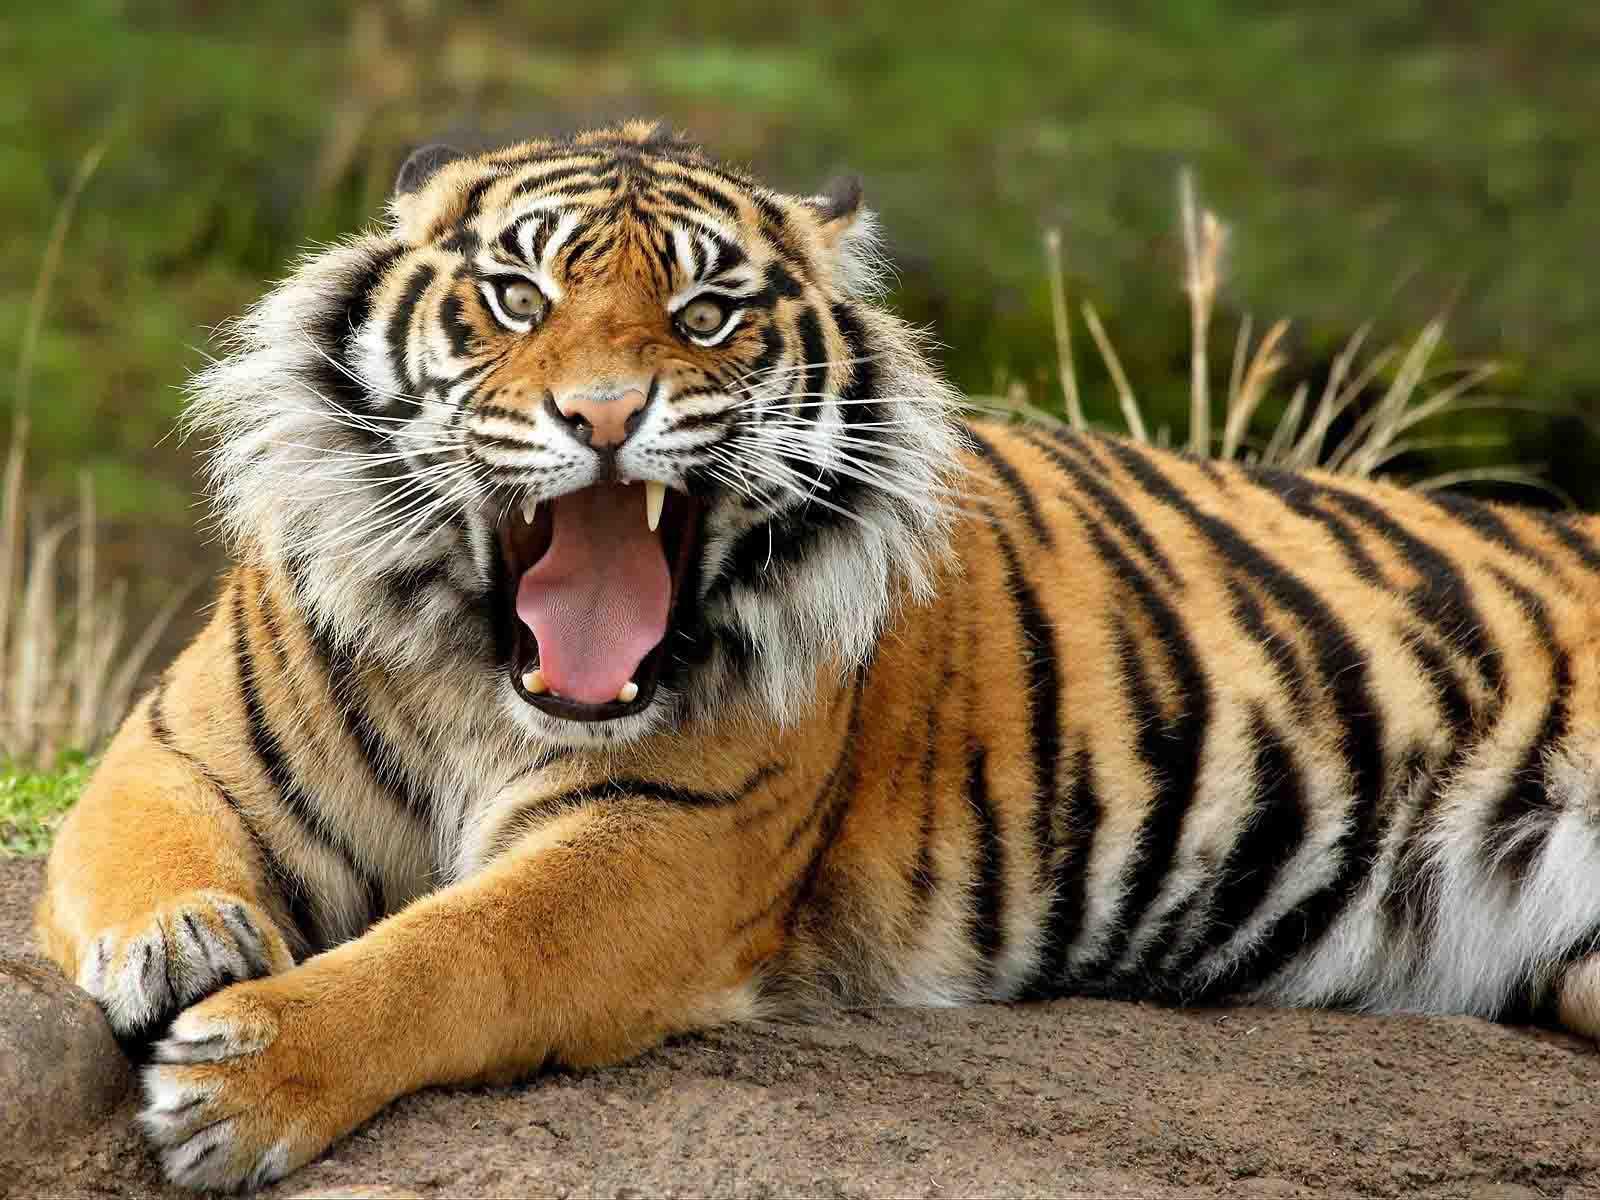 Tiger Wallpaper Free Download Wallpapersafari